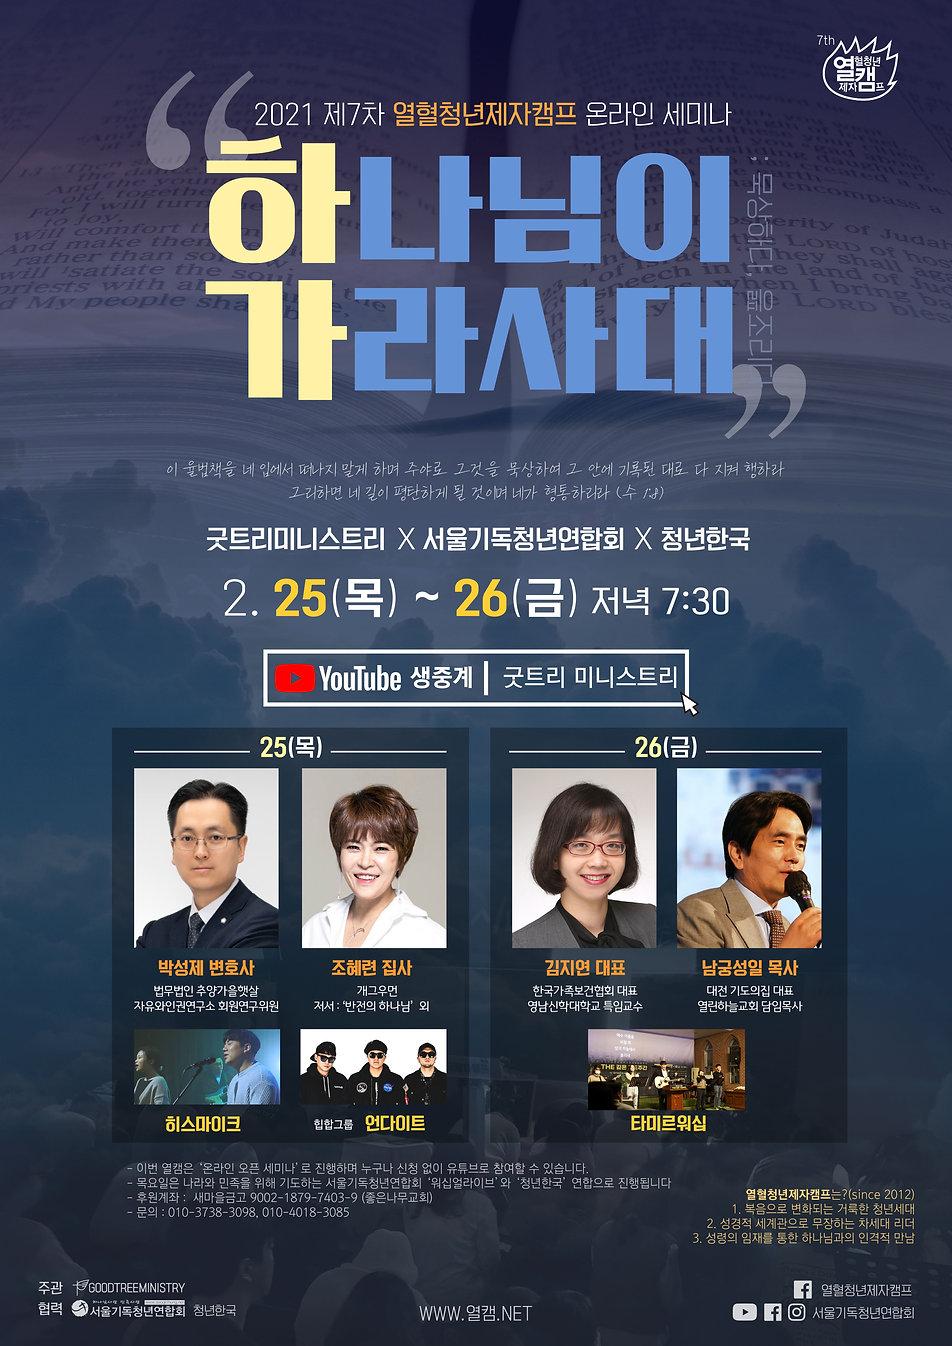 2021 열캠 포스터 온라인 업로드 최종-01.jpg